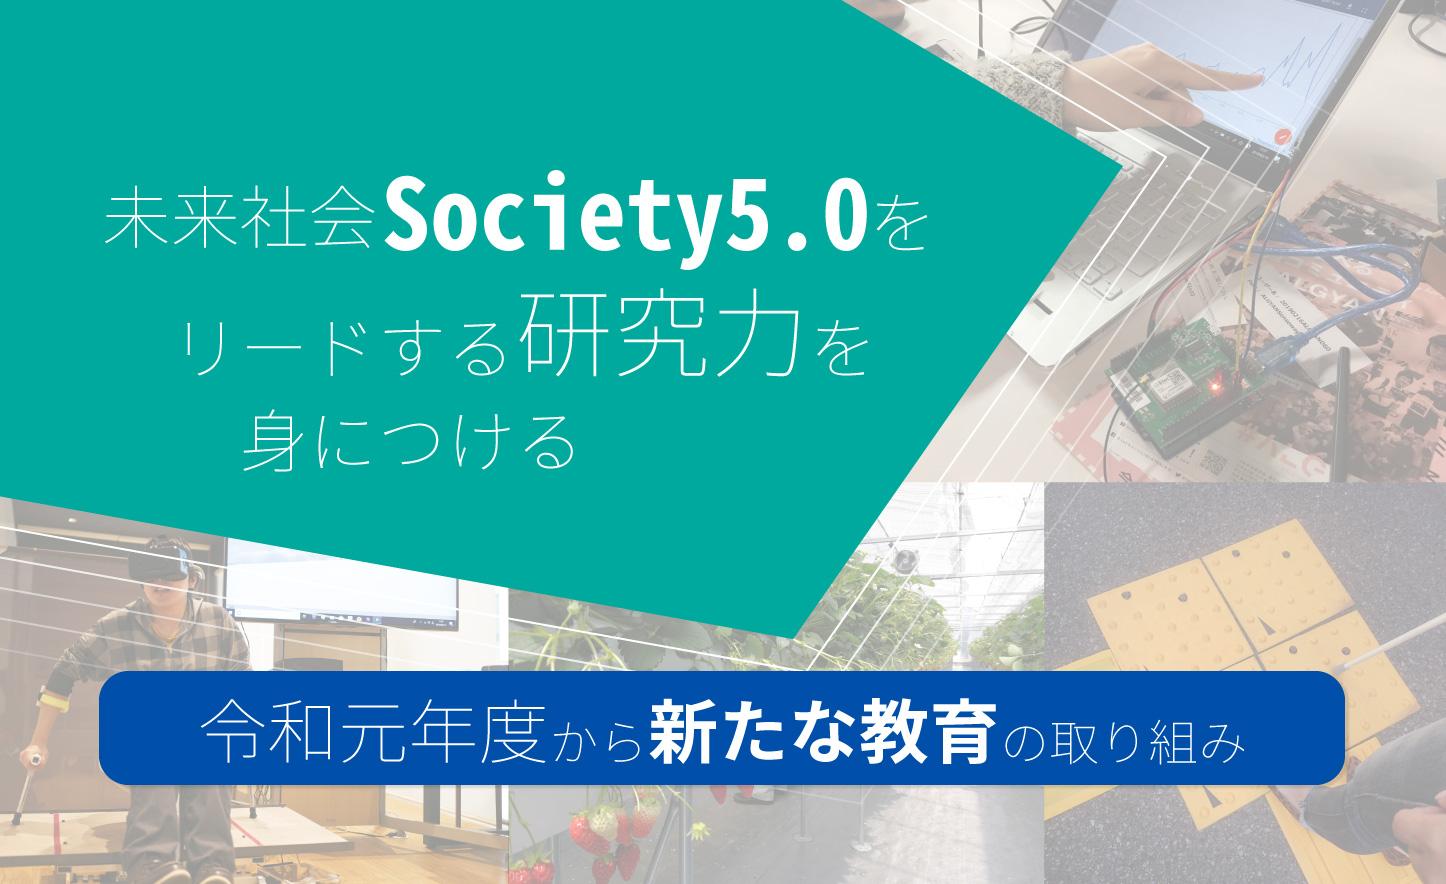 未来社会 Society5.0をリードする研究力を身につける。